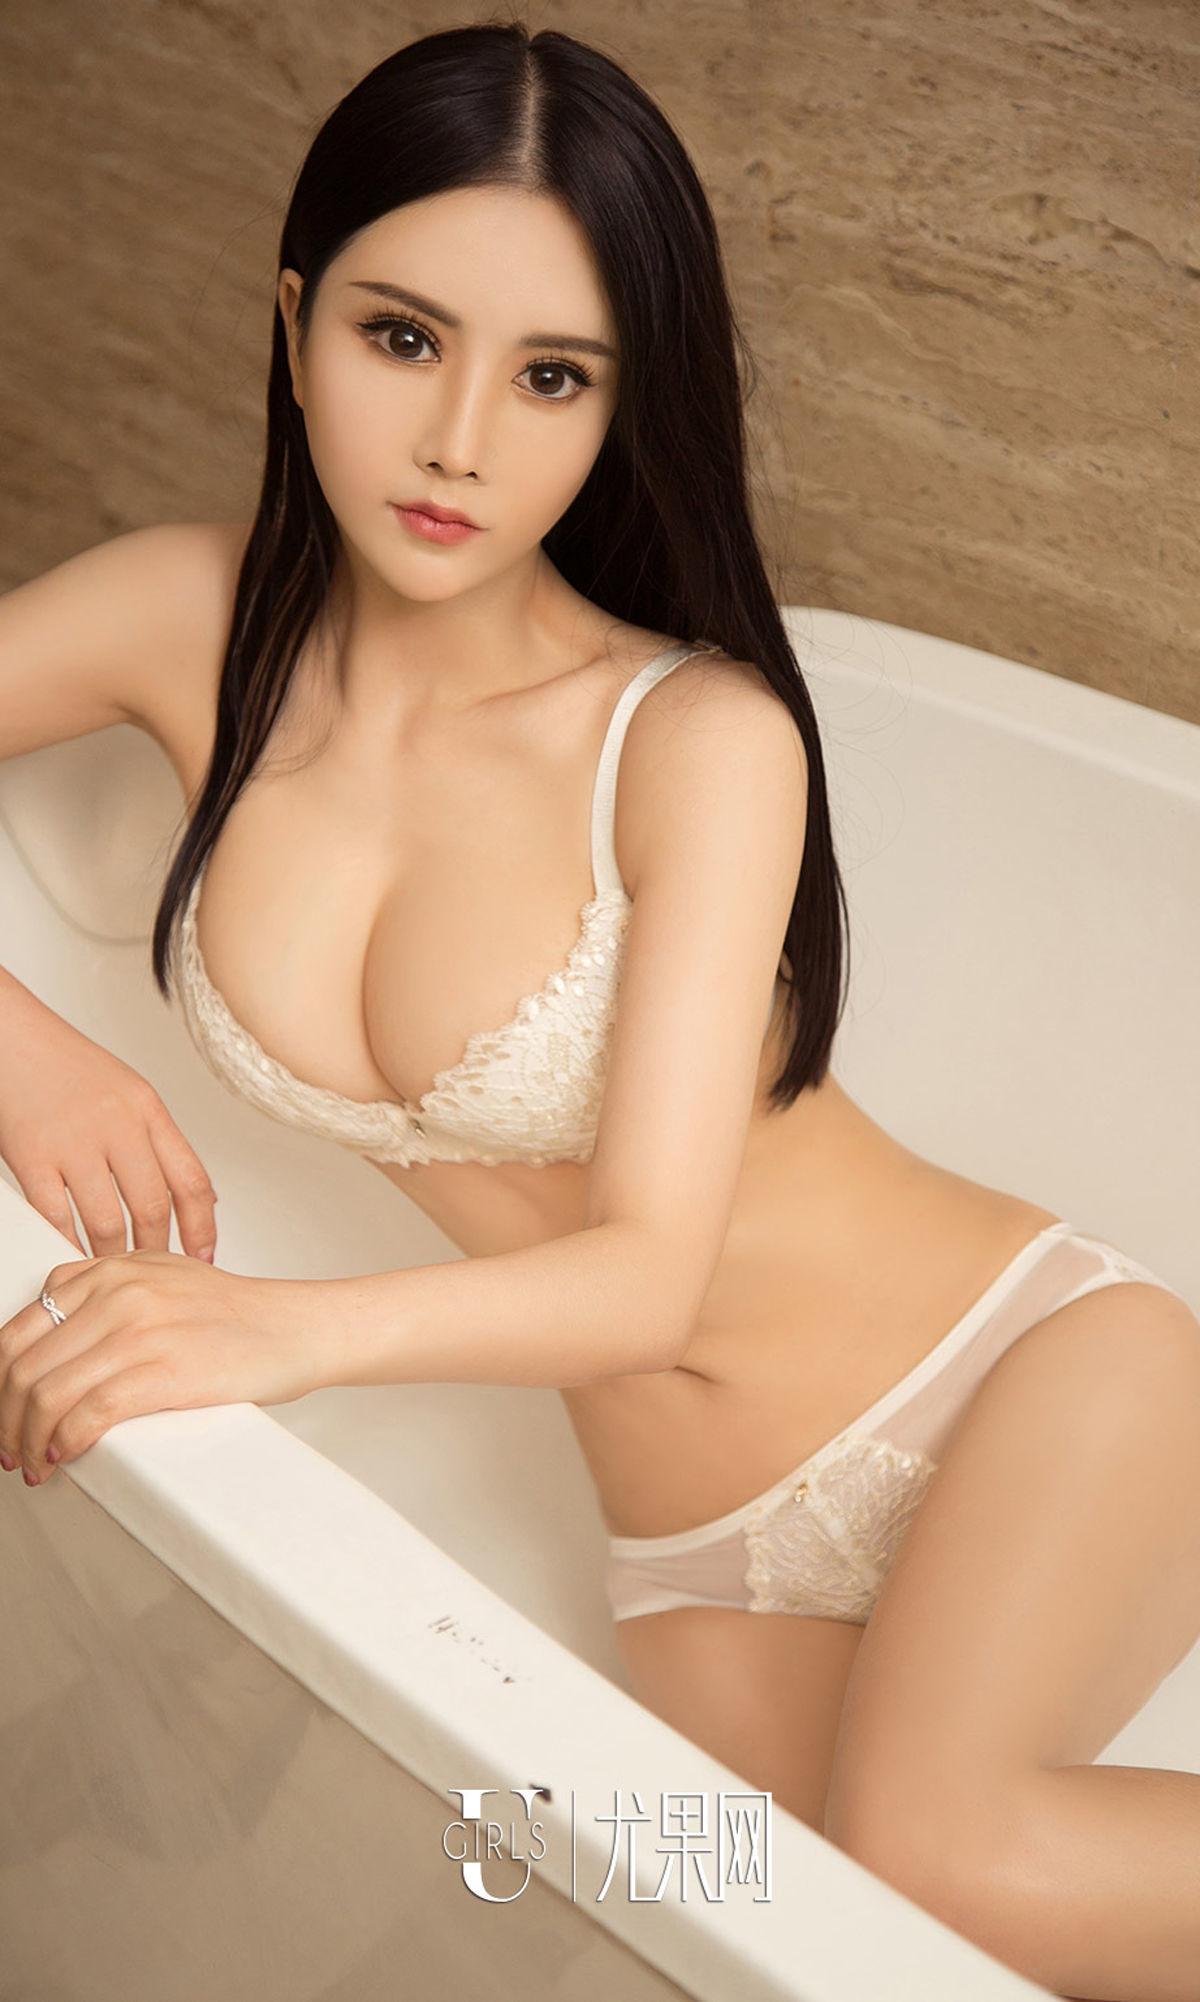 沈依梦@梦中人 写真套图